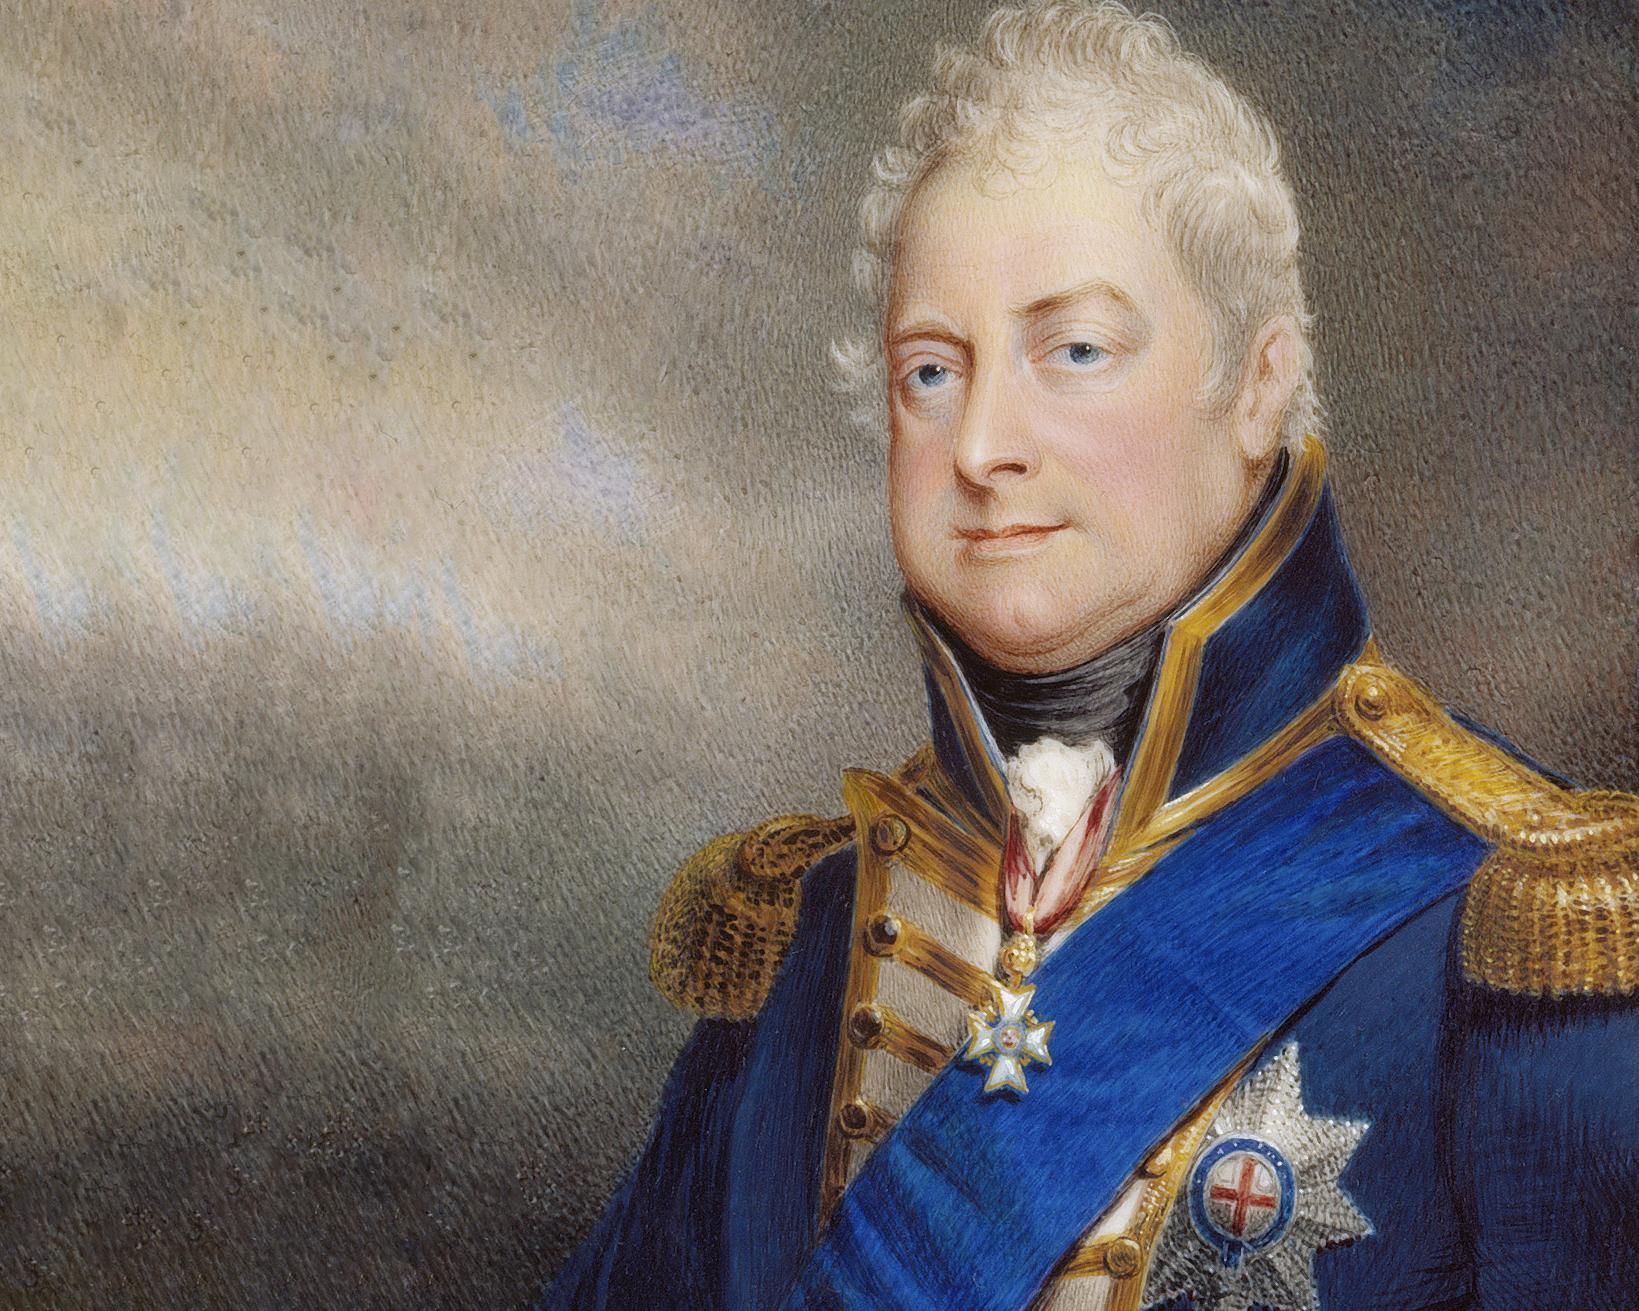 william_iv_1765-1837.jpg